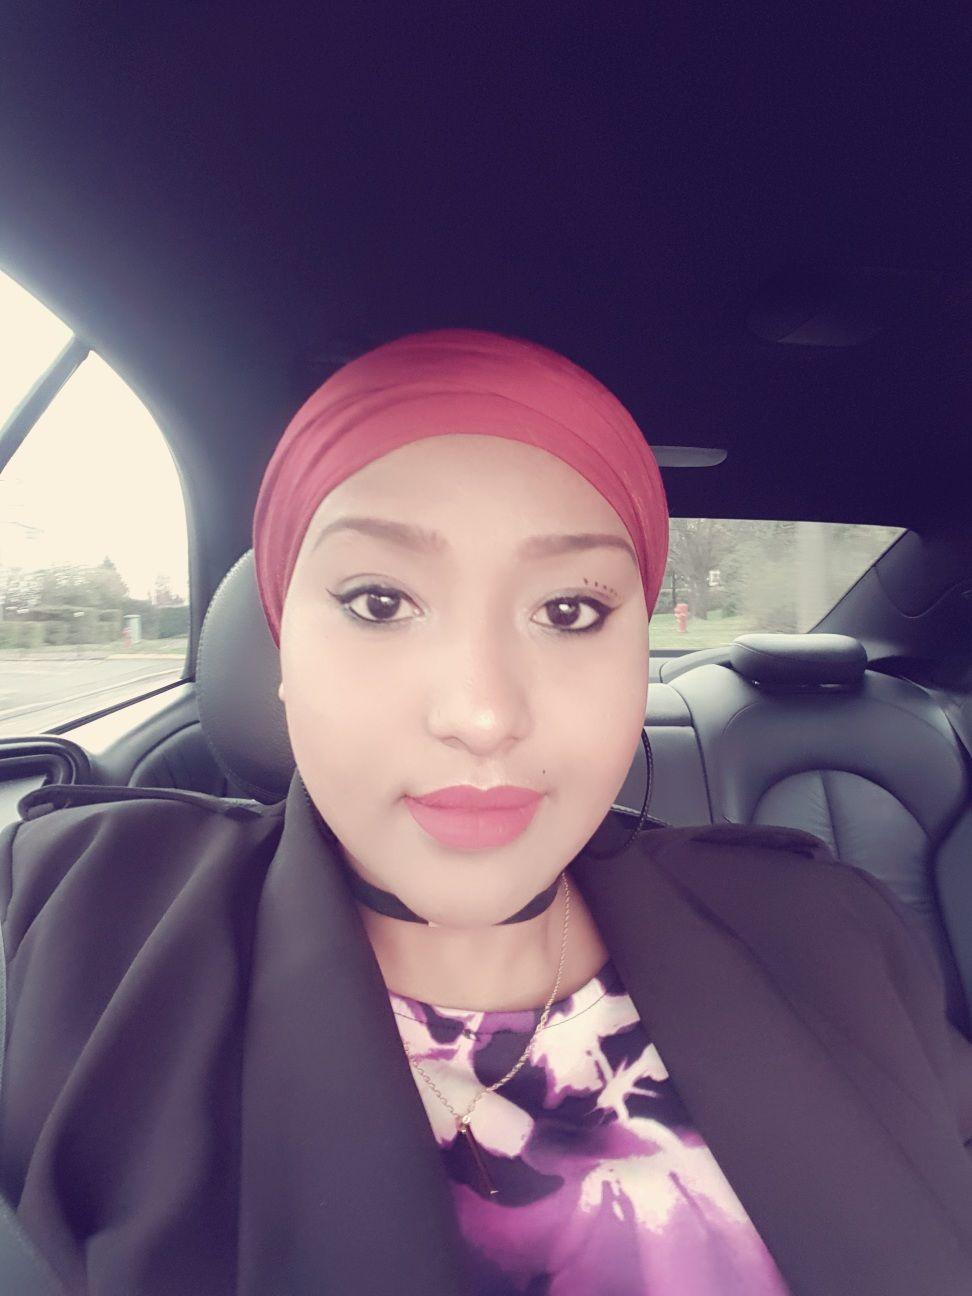 سيدة اعمال مغربية مقيمه في ايطاليا ارغب في الزواج علي سنة الله ورسوله موقع زواج عربي مجاني بدون اشتراكات